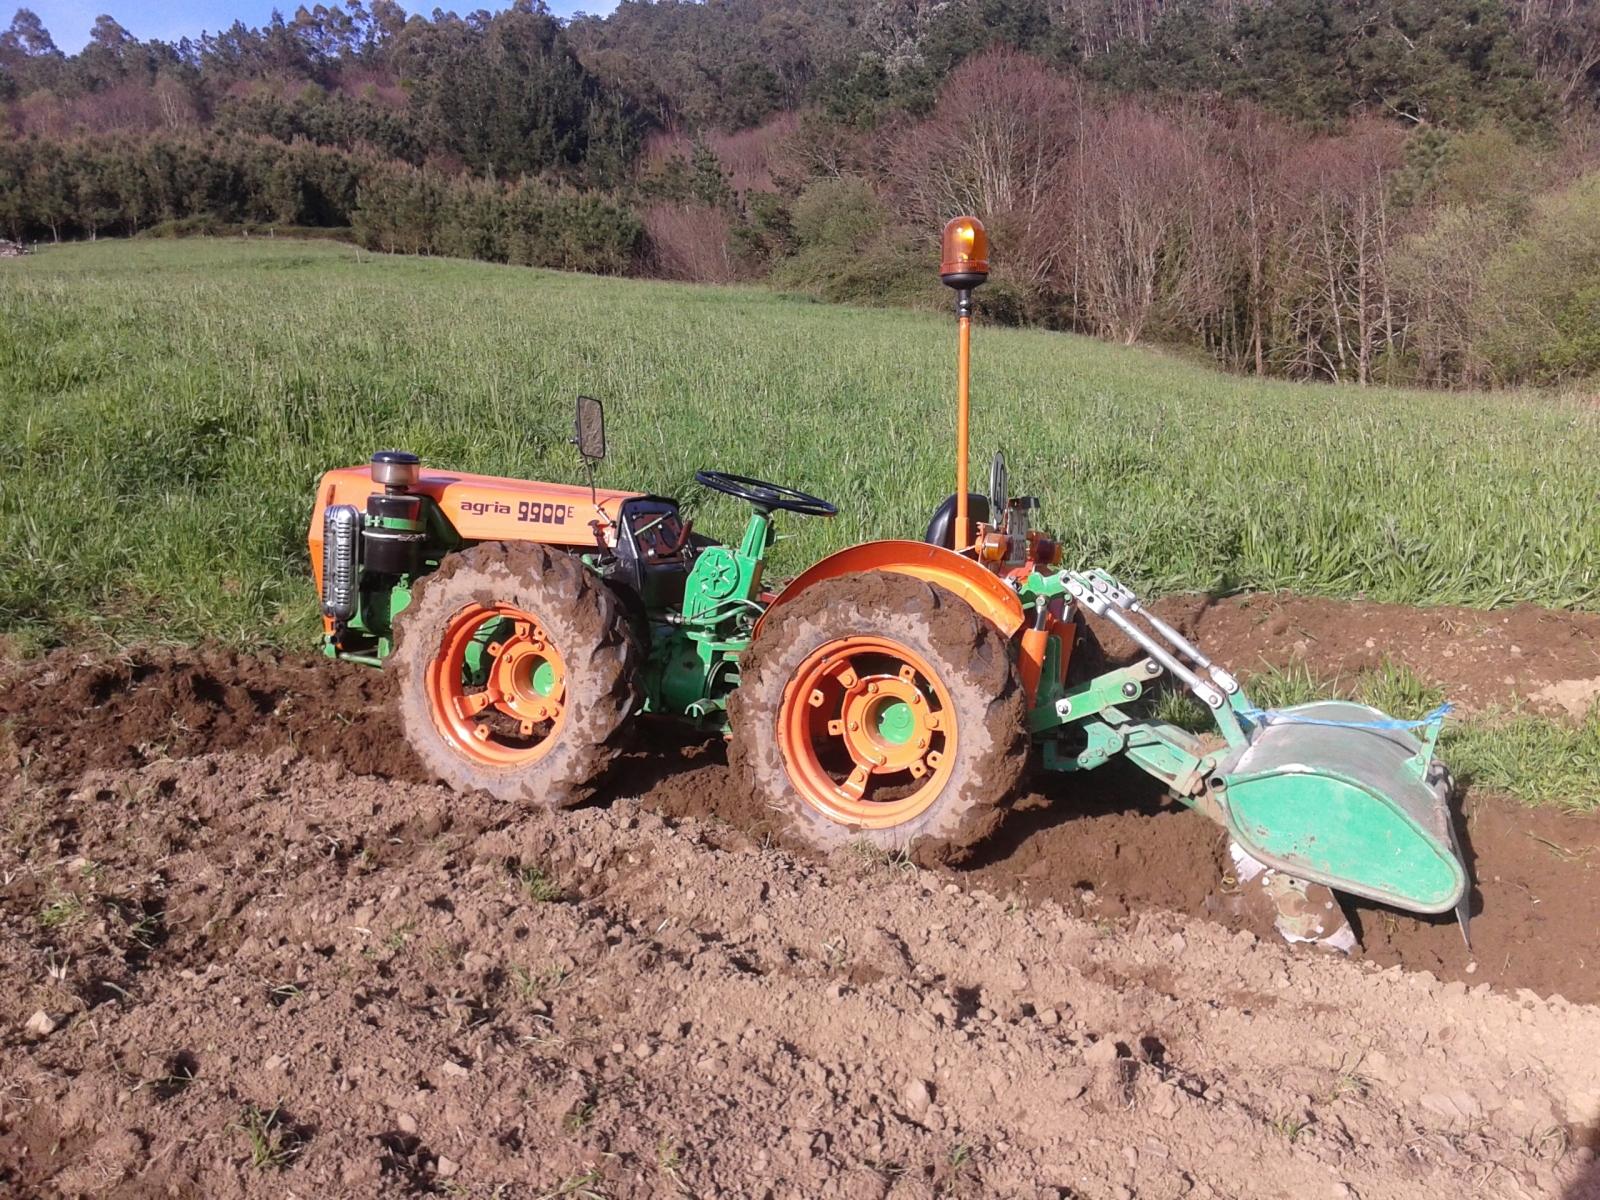 Fotos de agria 9900 E Y dumper Ausa 2wdra54